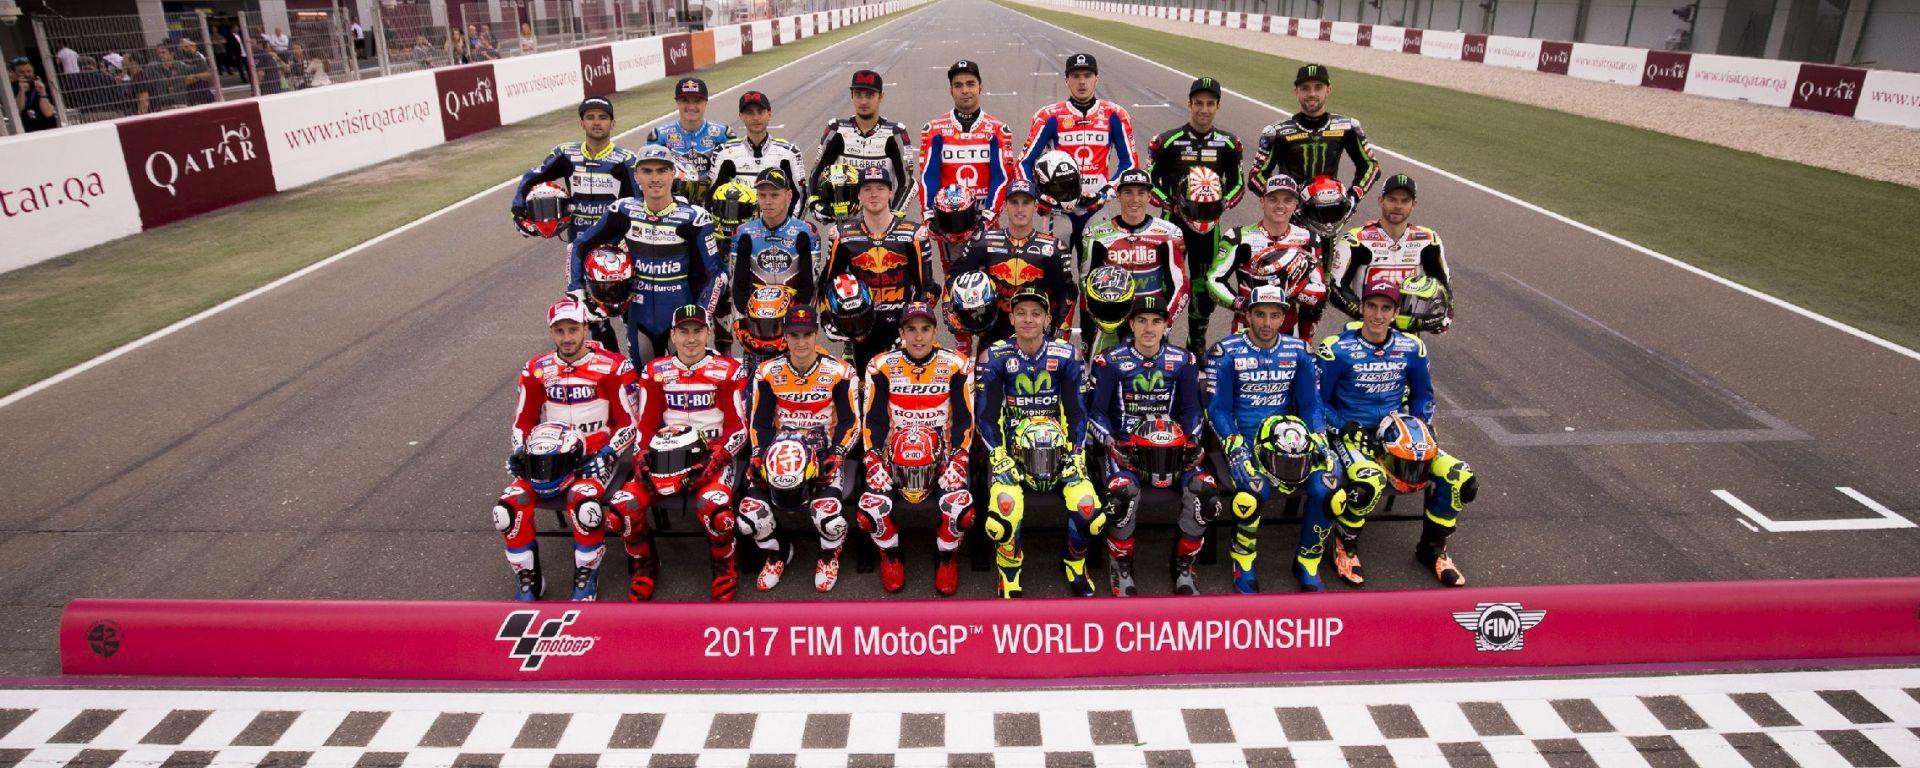 Calendario MotoGp 2017: tutti i circuiti, le date e i risultati